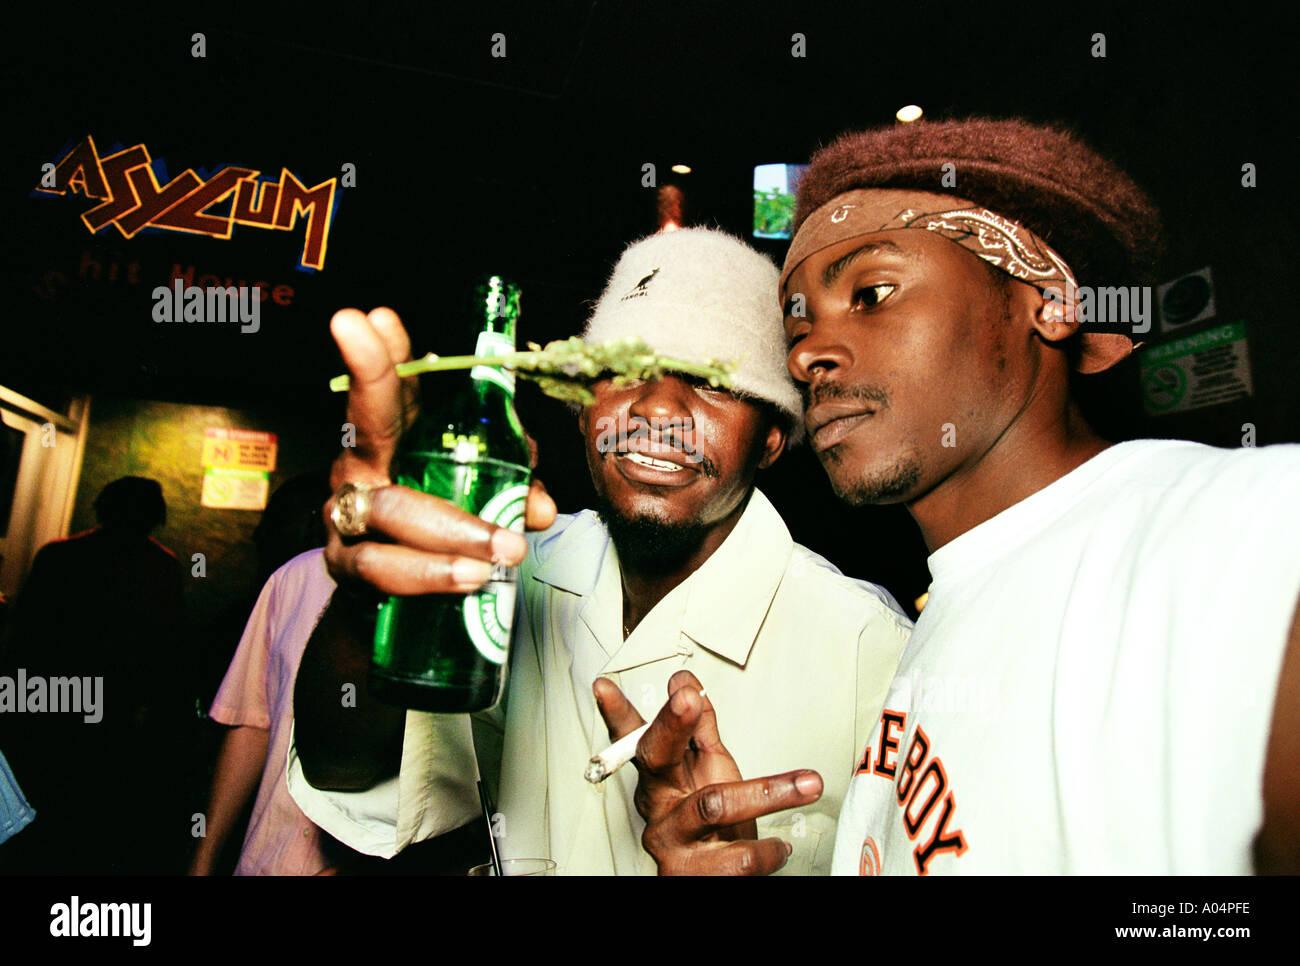 guys in jamaica